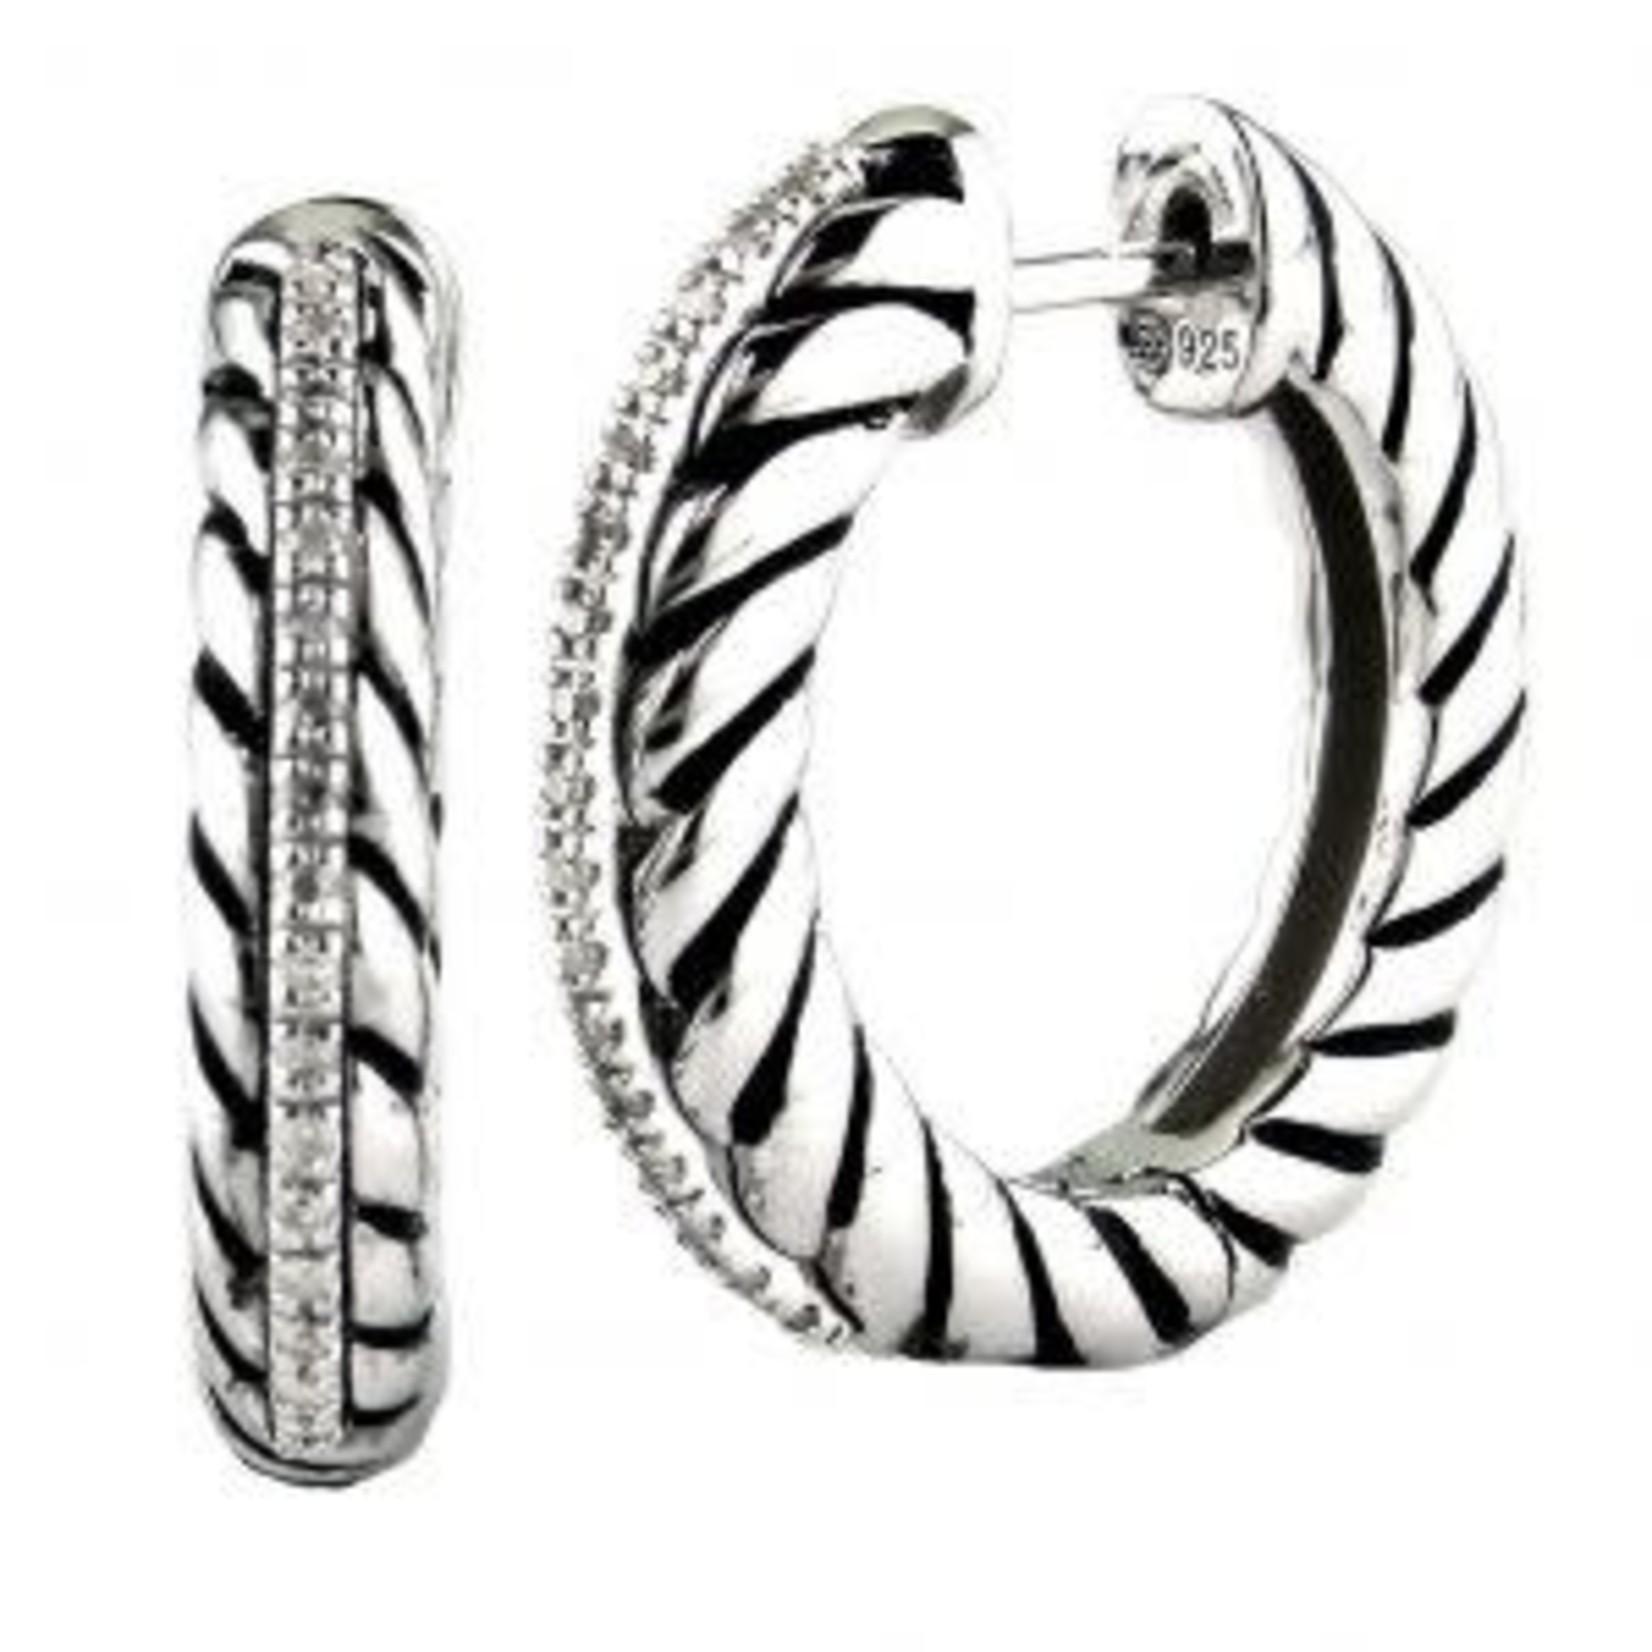 Sterling Silver & Diamond 0.11ctw Oxidized Hoop Earrings